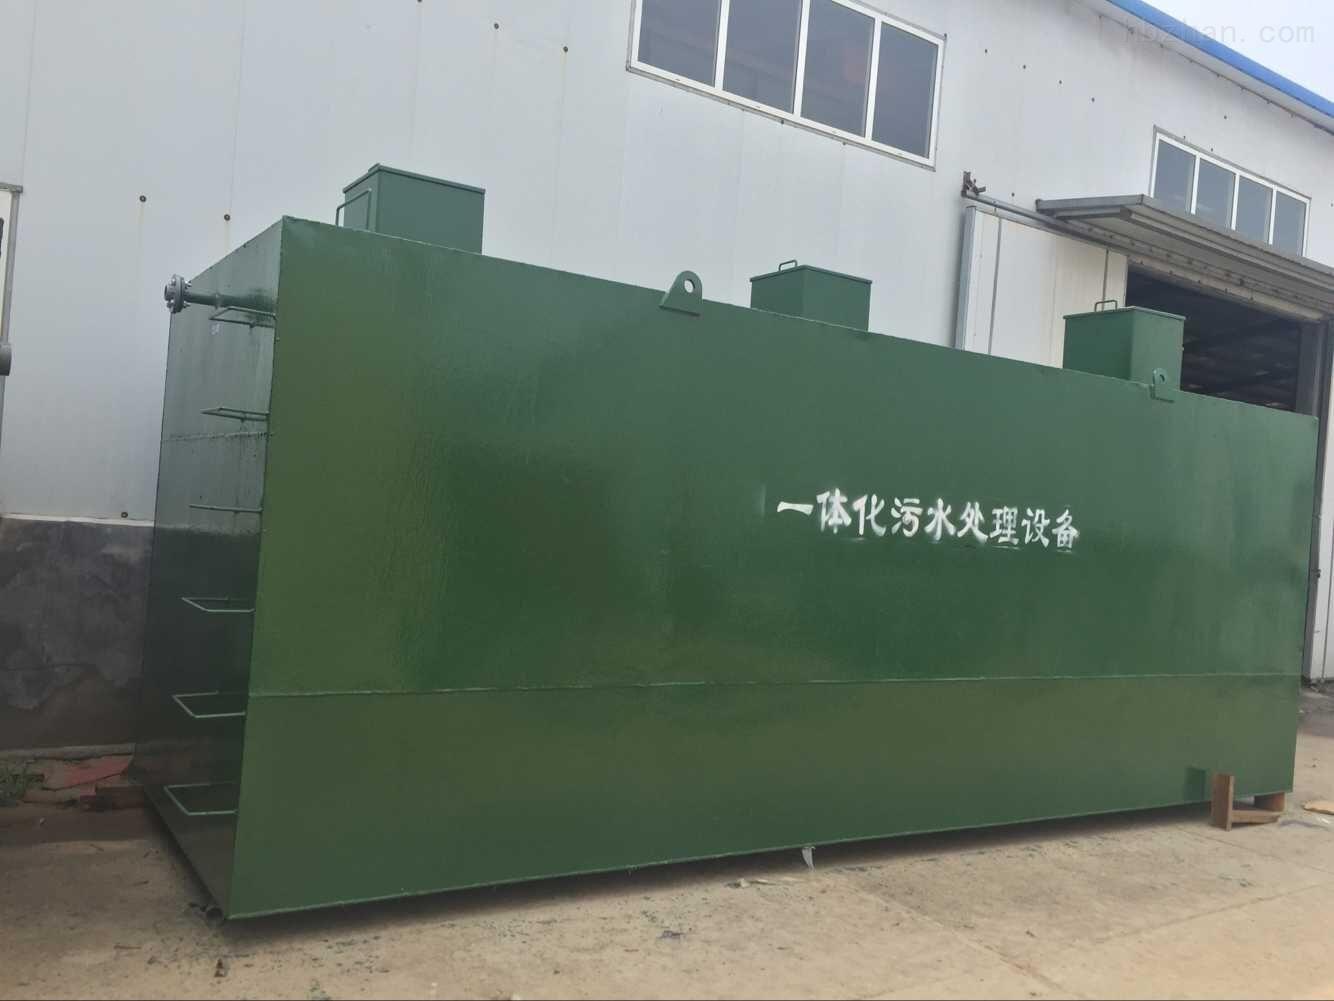 吉林一体化污水提升泵站用于低洼处雨污水排涝